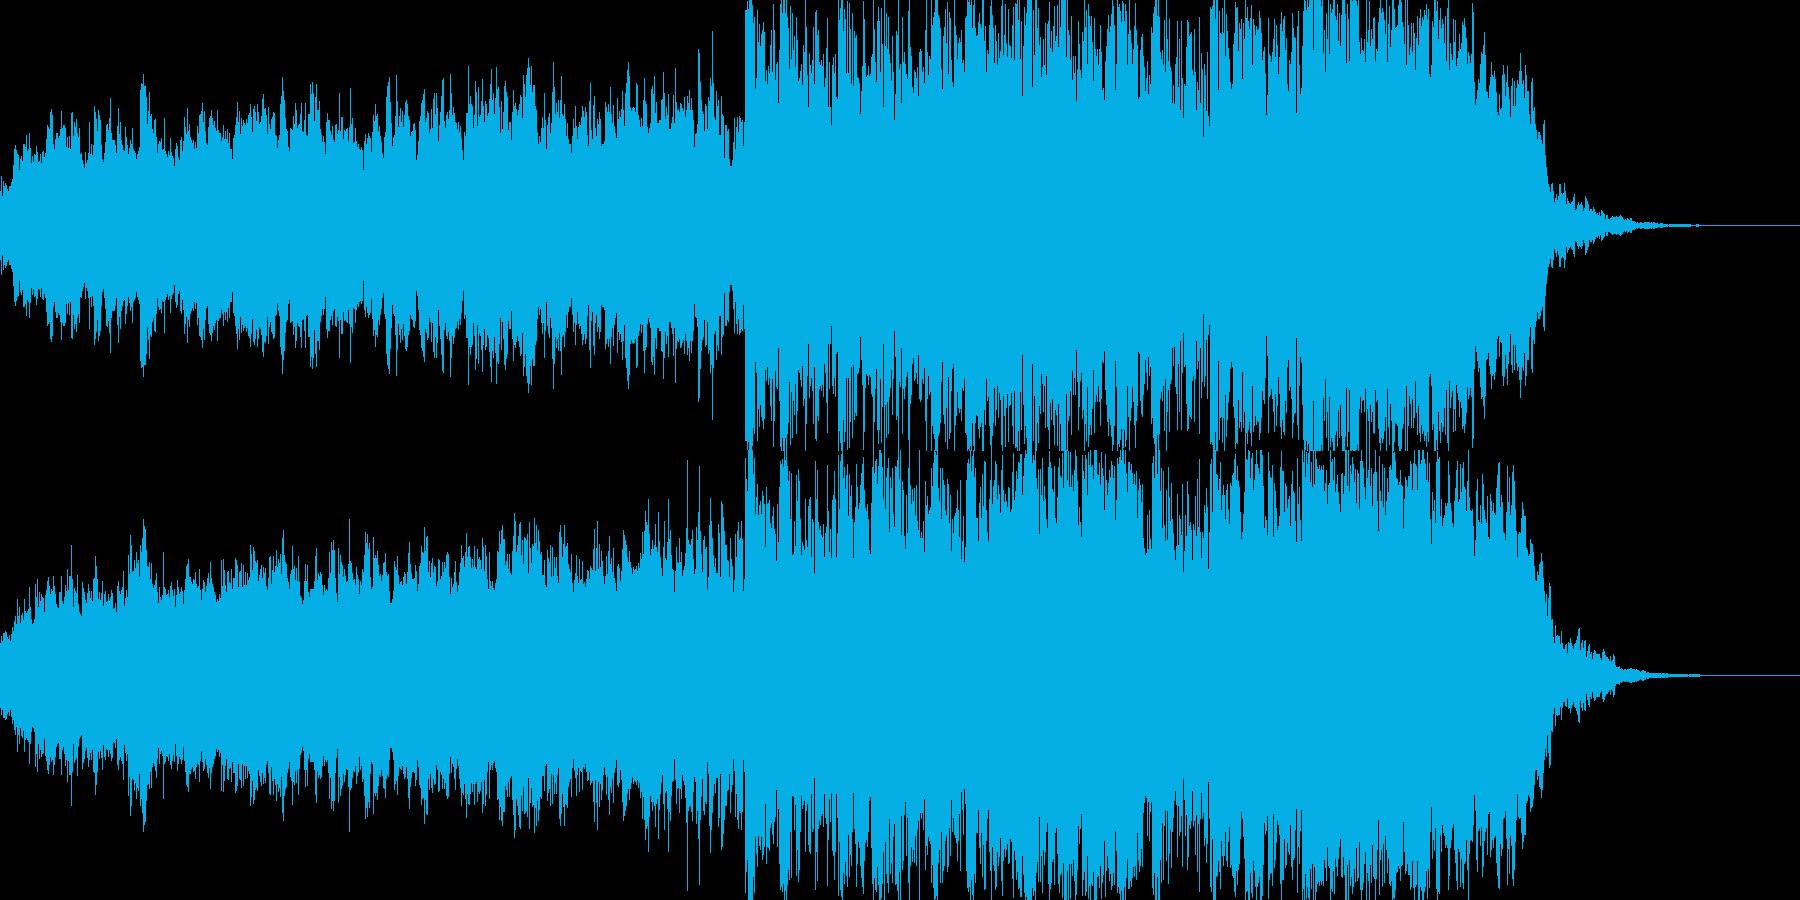 オープニングイントロダクションの再生済みの波形